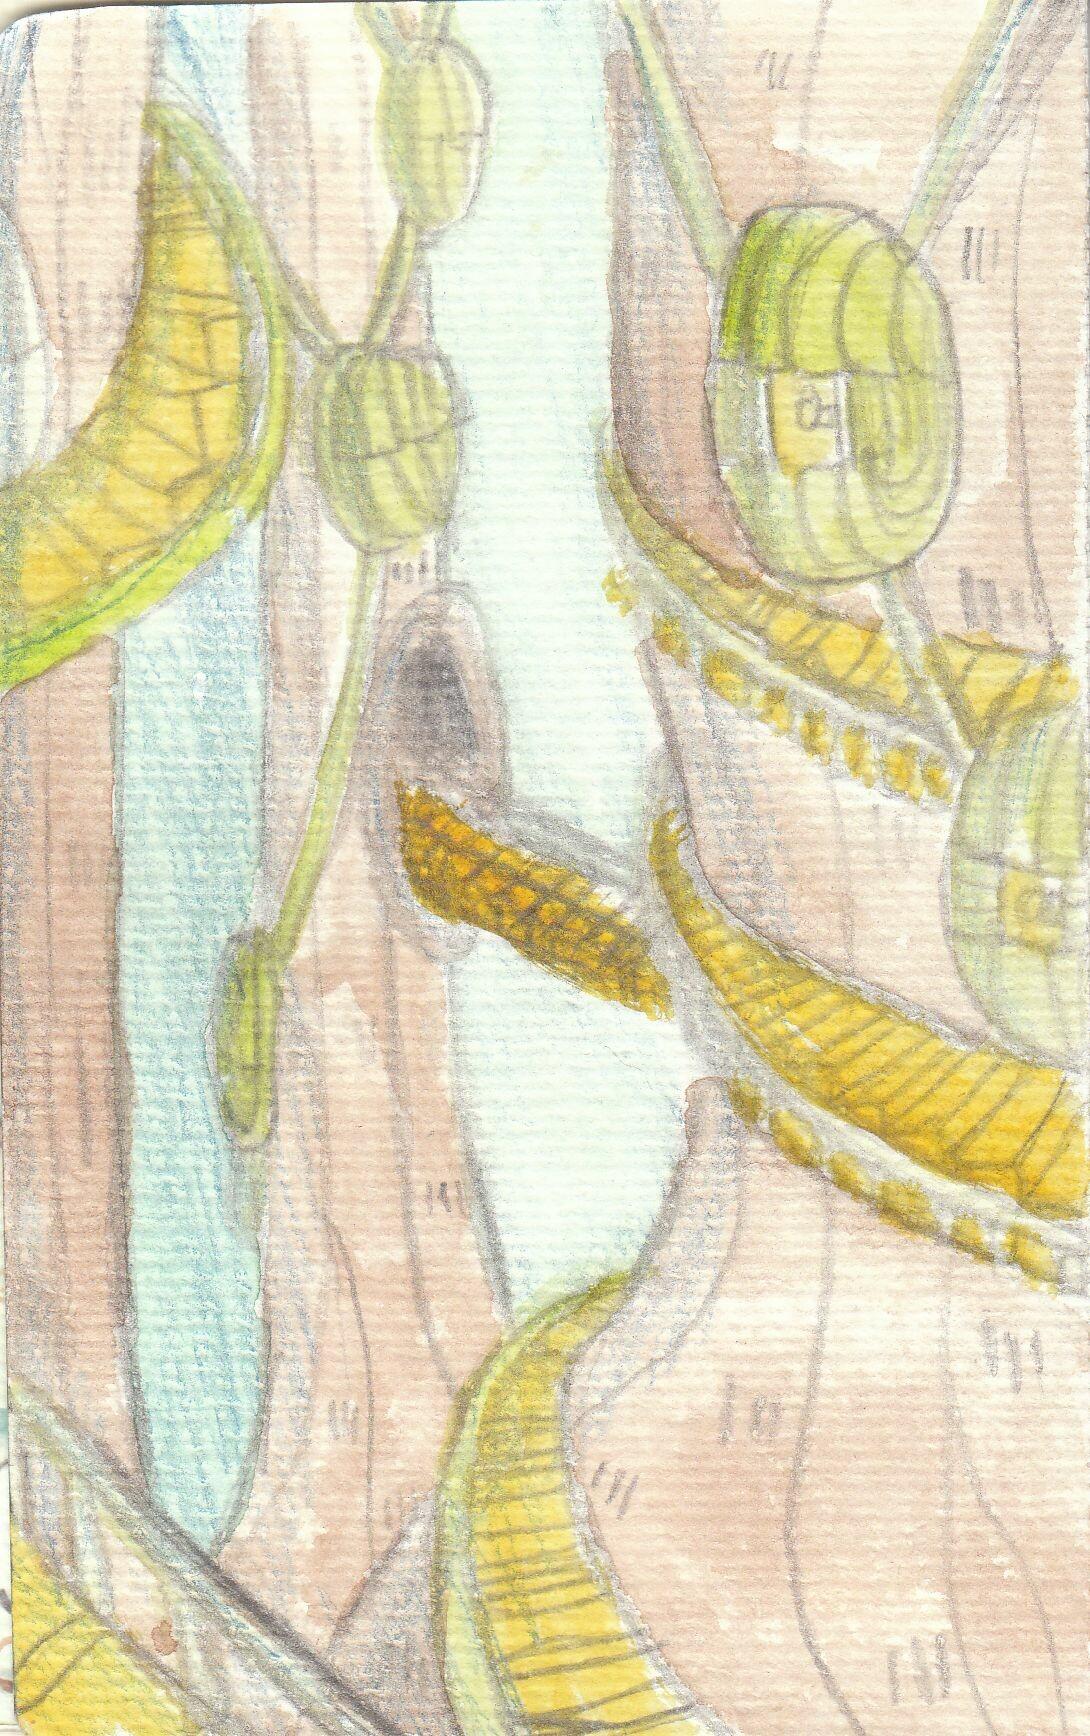 Anei ragdowl cd nouvelle civilisation arbres habitats